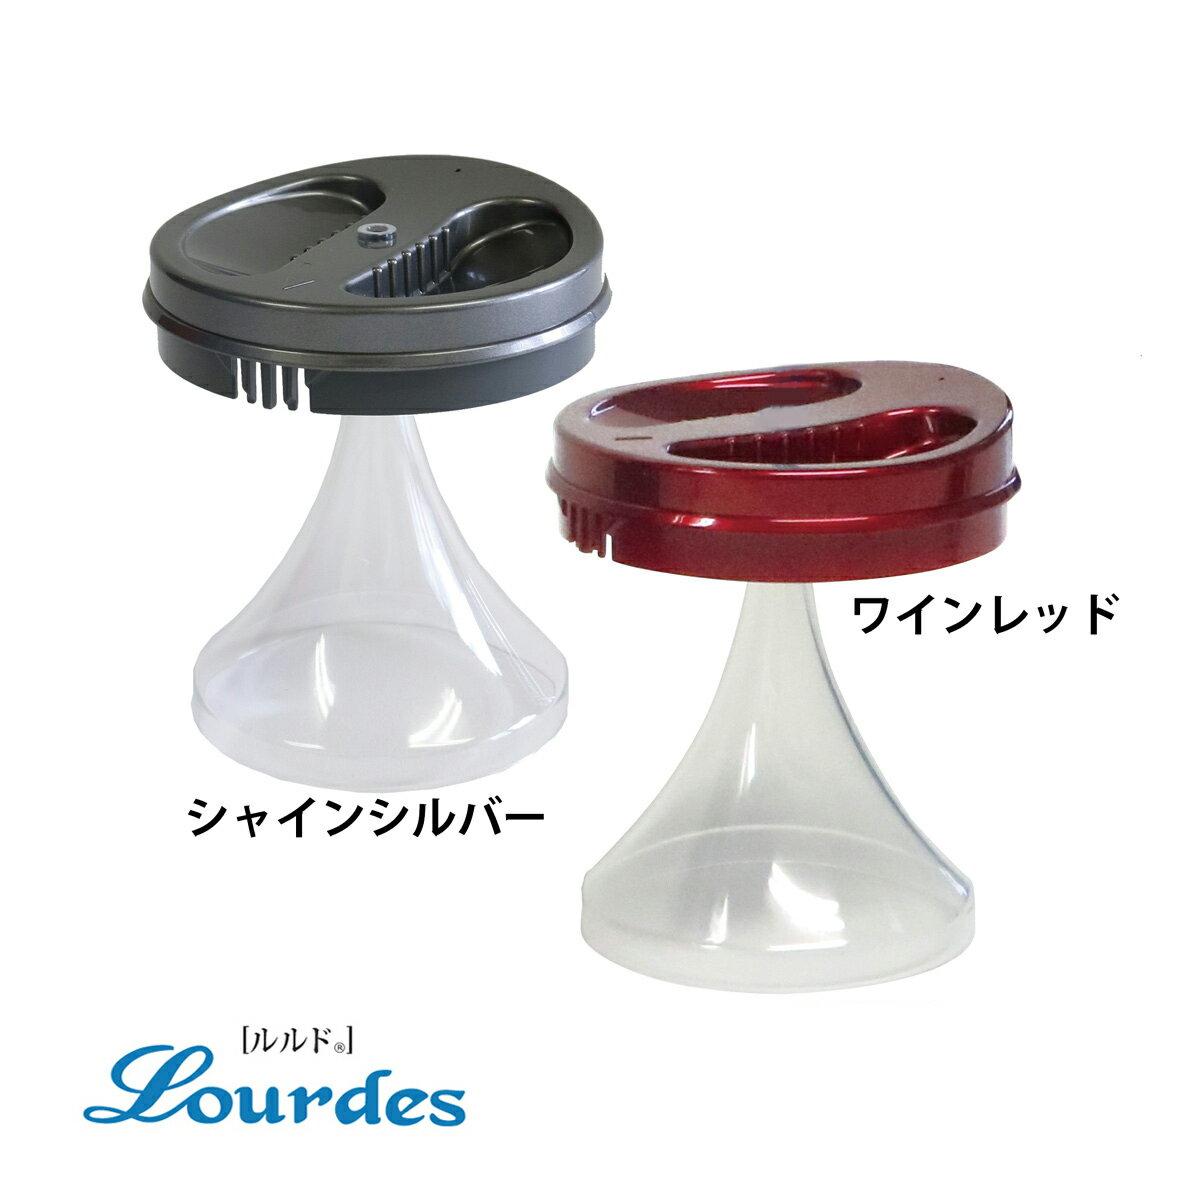 ルルド(Lourdes) 収集管付フタ (収集管×1)